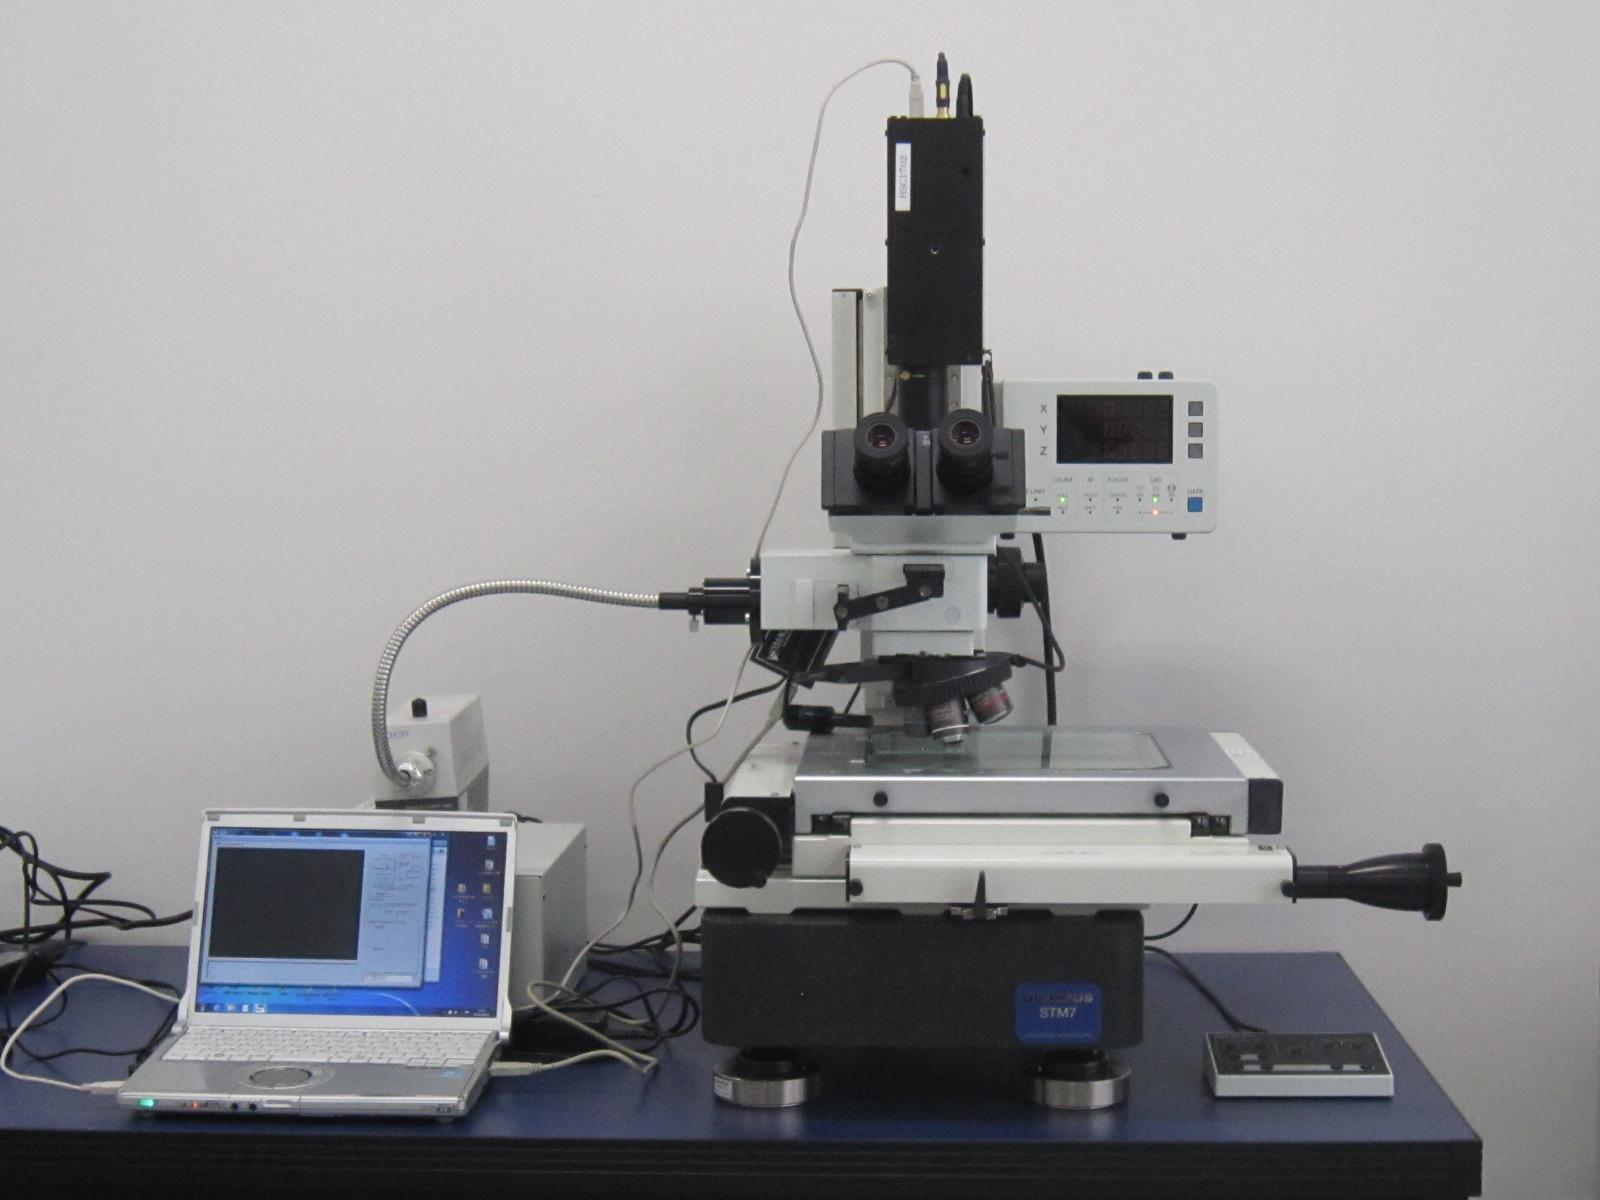 ハイパースペクトルカメラ 顕微鏡接続例